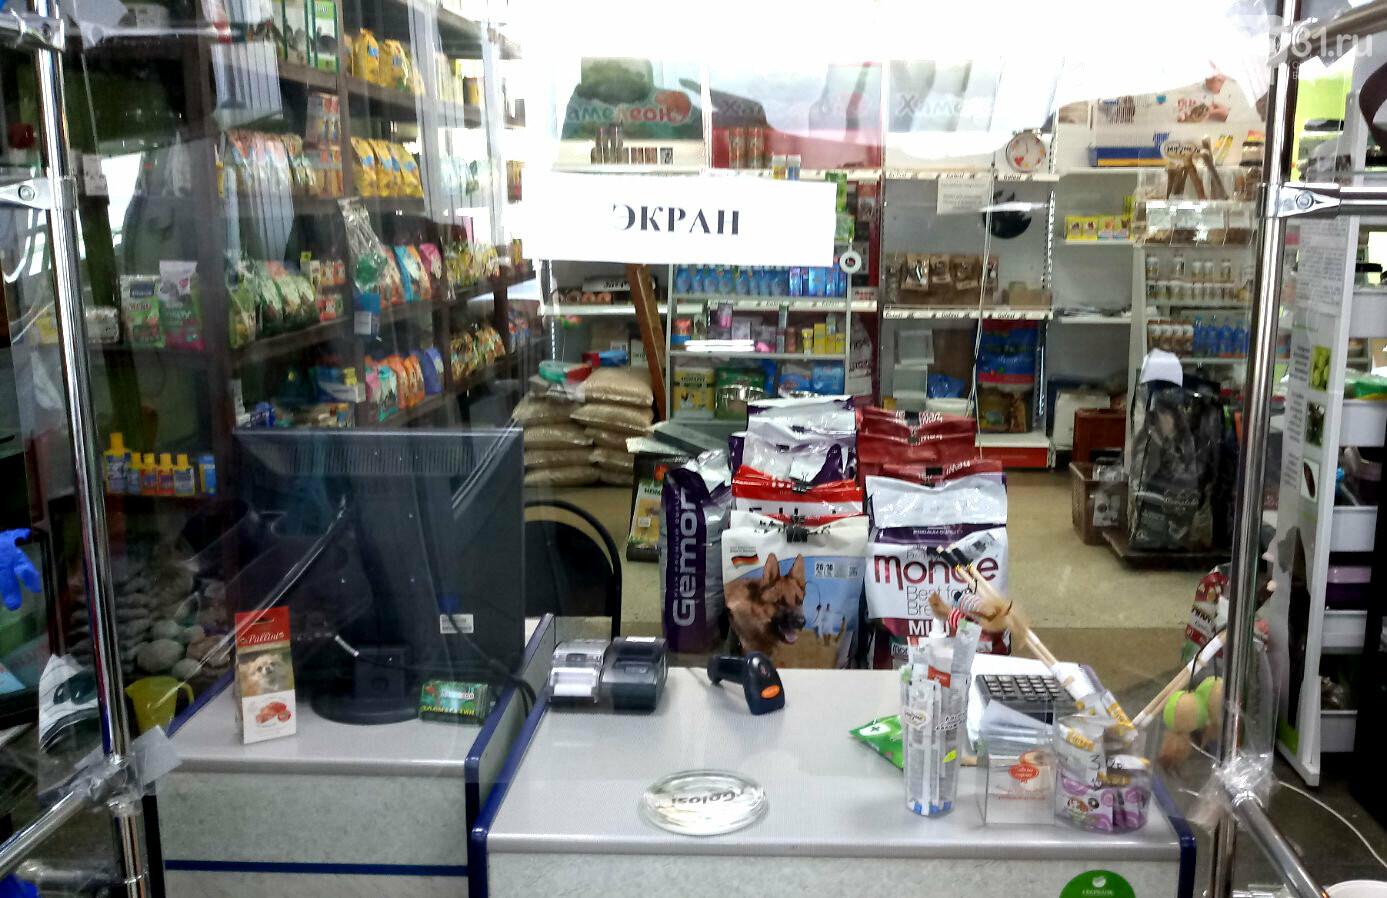 Как бизнес? «Когда в магазине вводили дистанцию, люди смеялись. Теперь перестали», фото-5